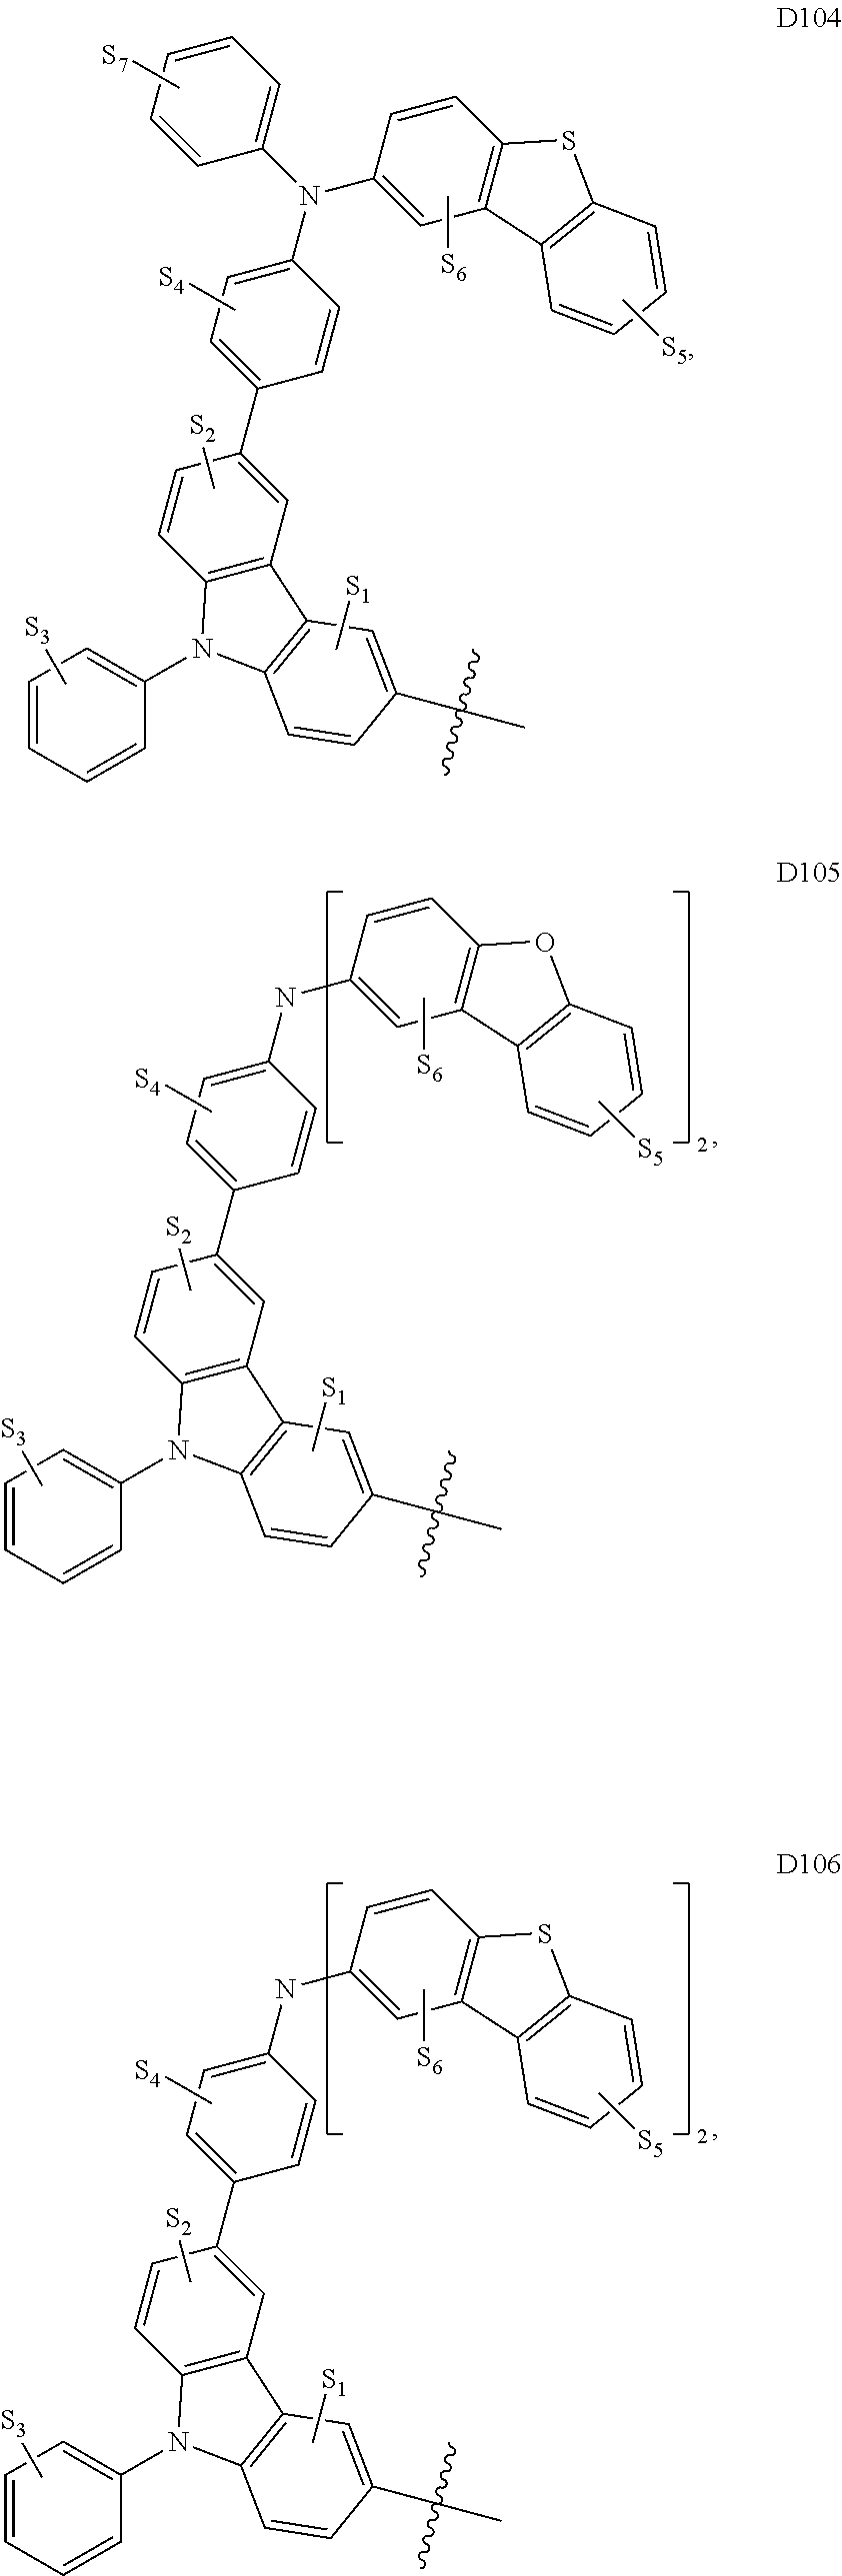 Figure US09324949-20160426-C00079